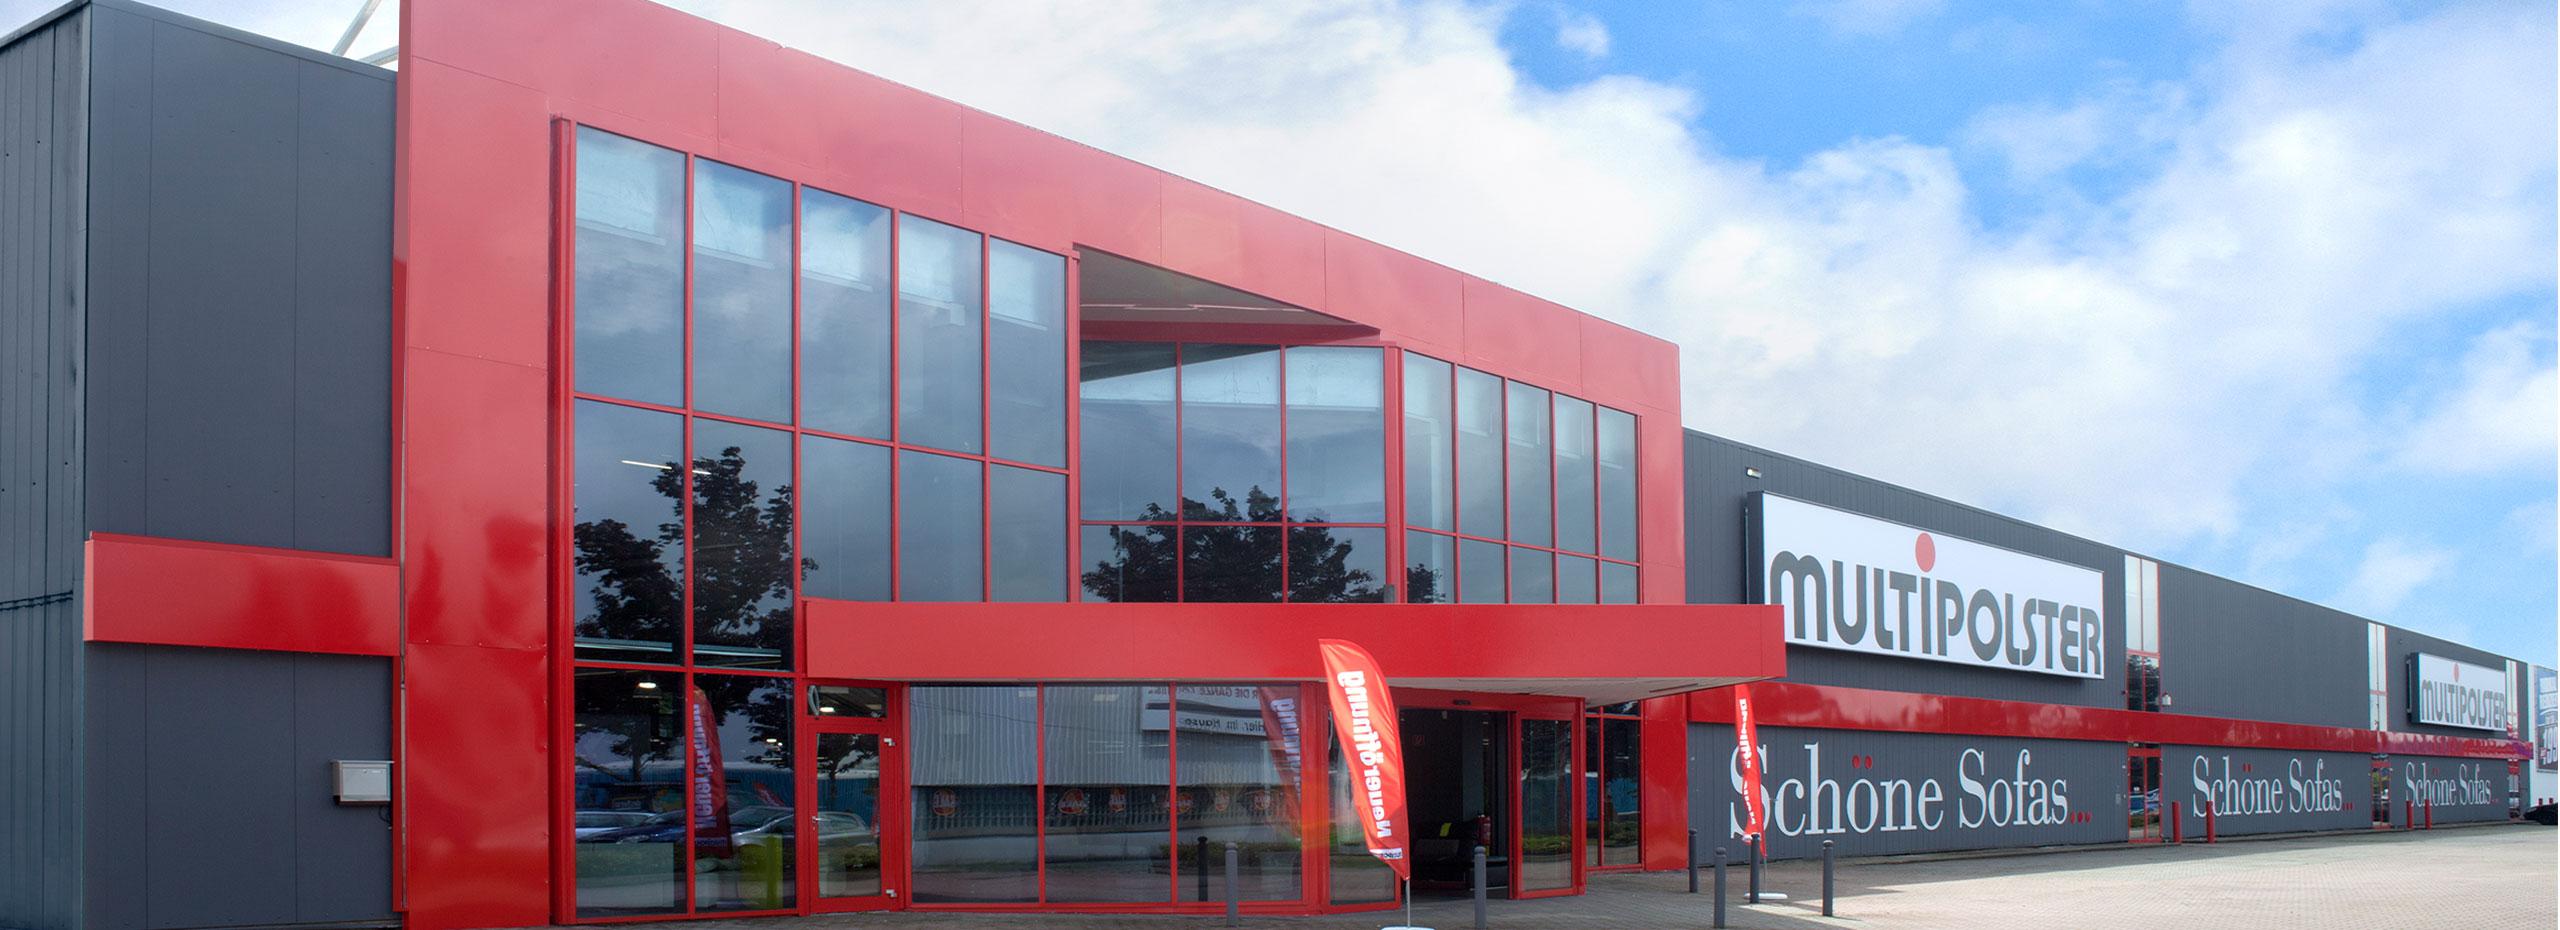 Multipolster - Dortmund Kley - Indupark